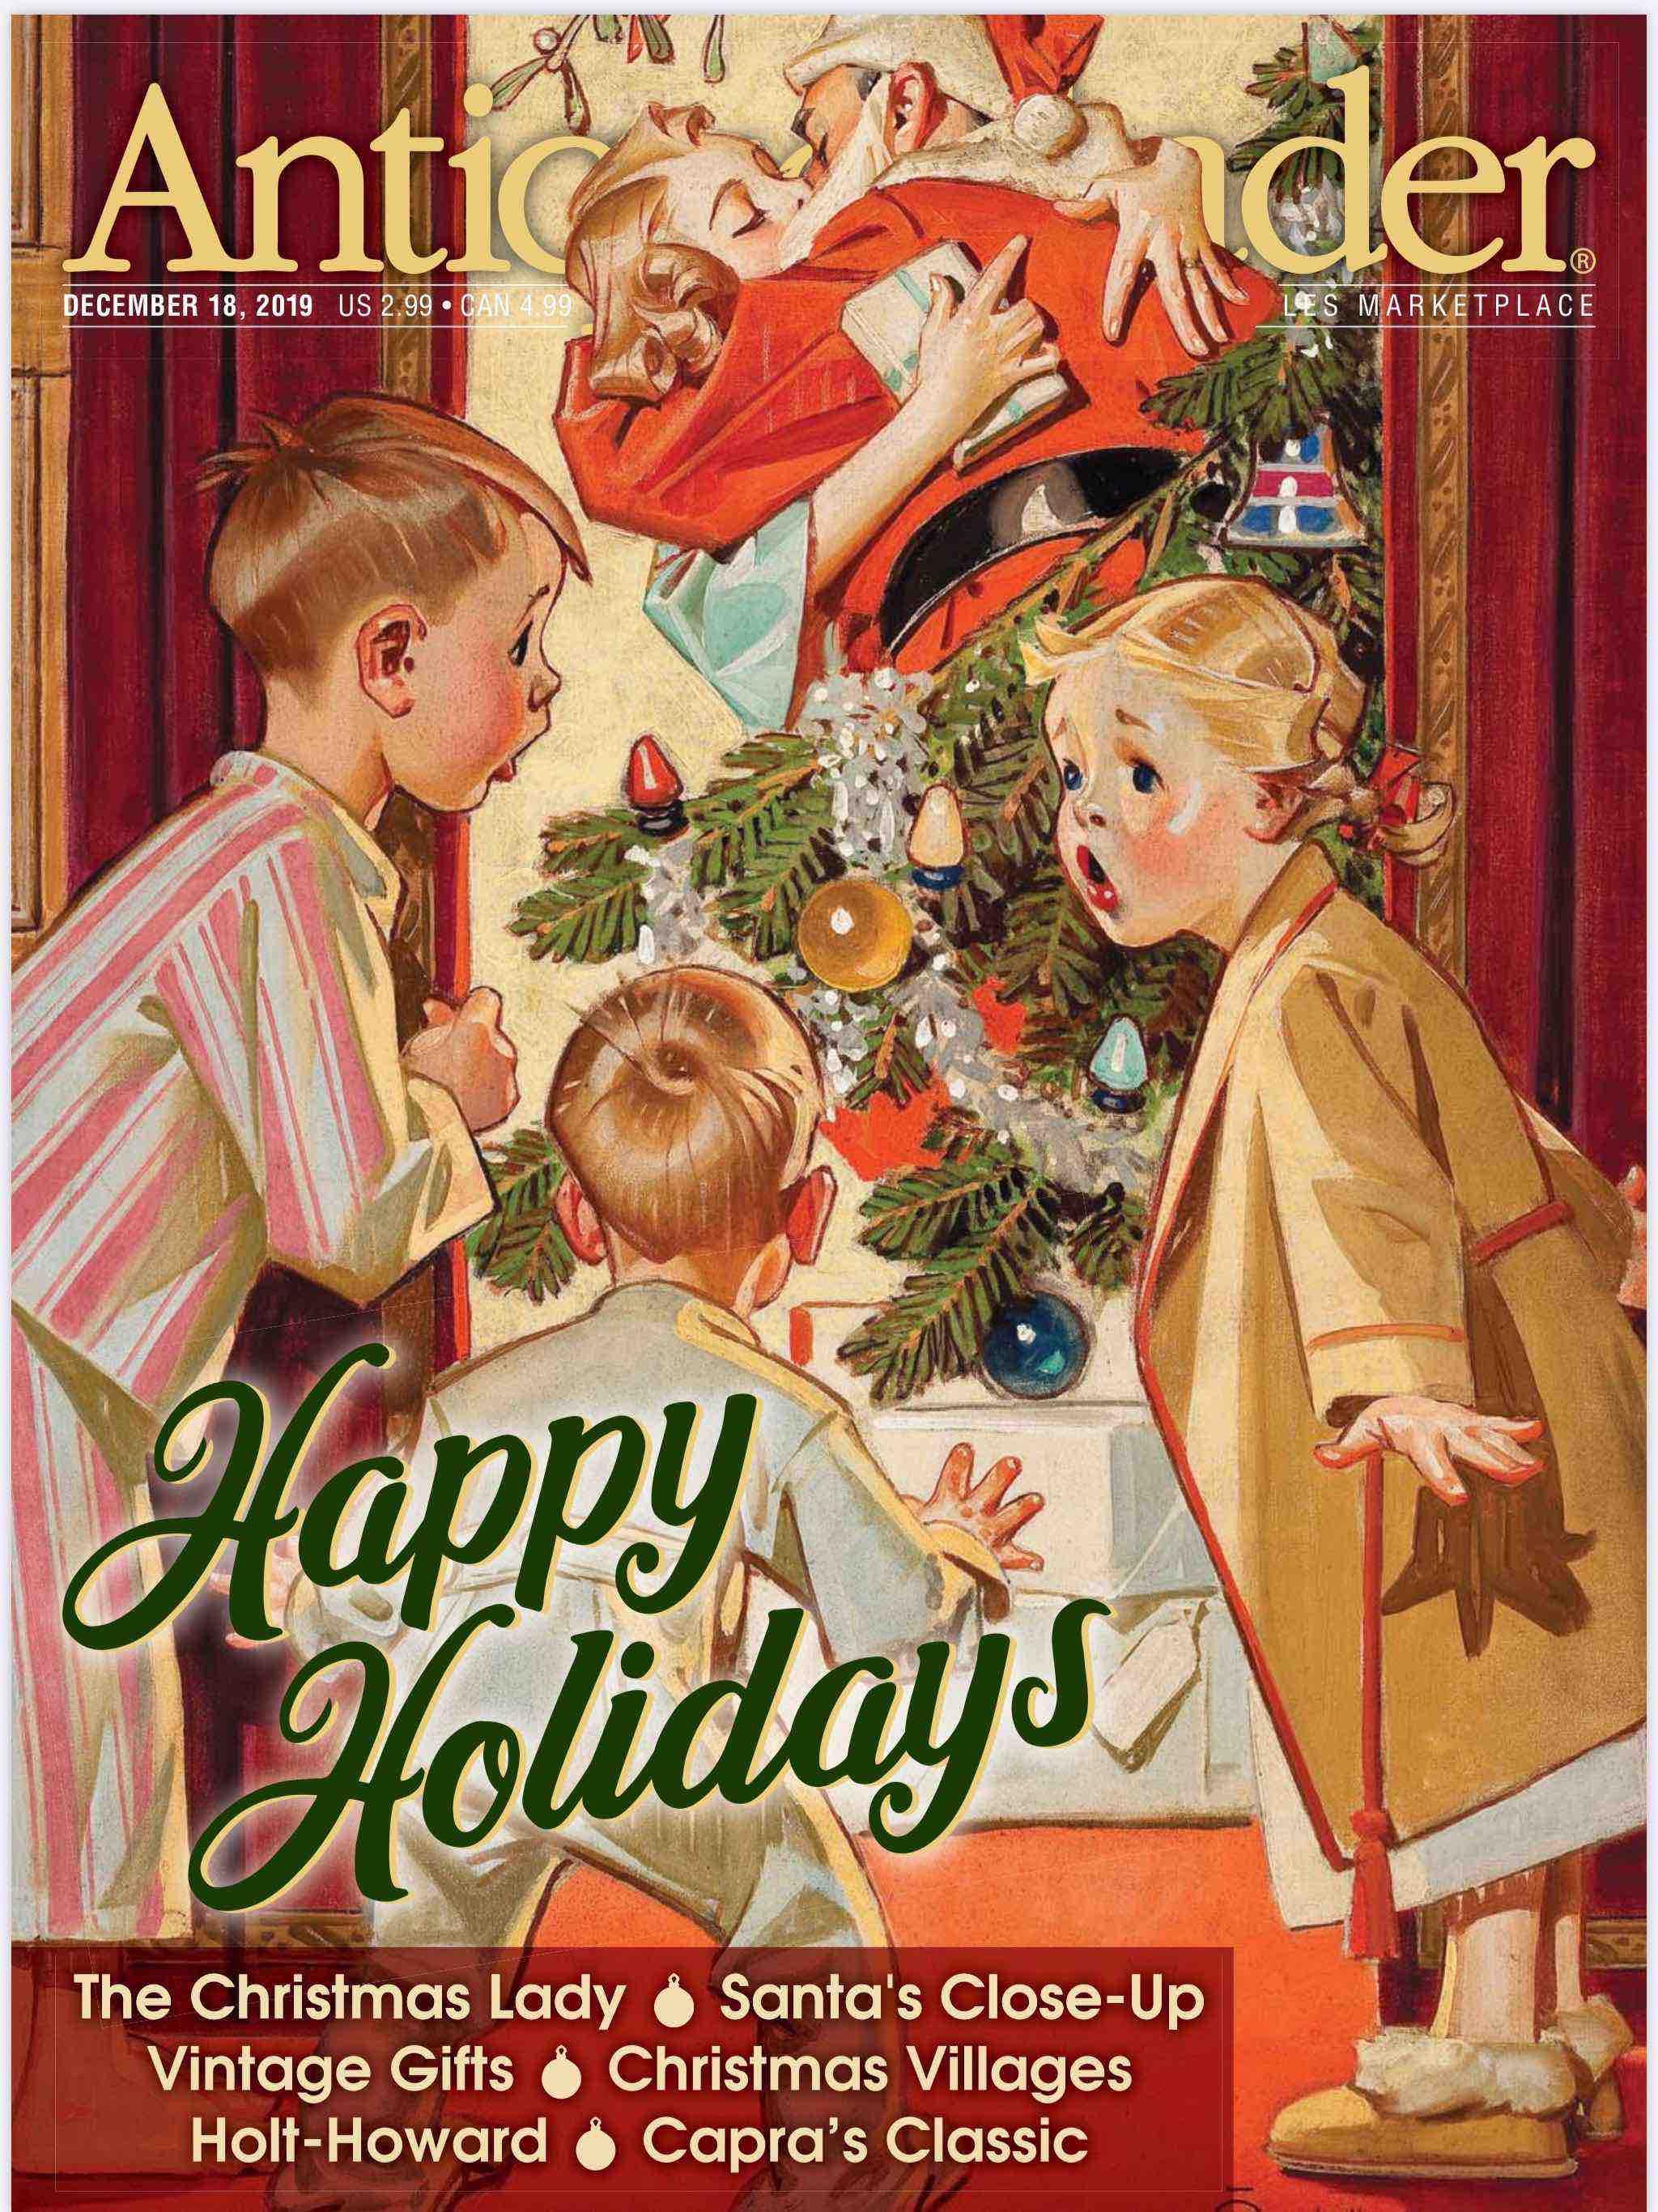 December 18, 2019, Antique Trader Magazine, Trending at RubyLane.com image 1